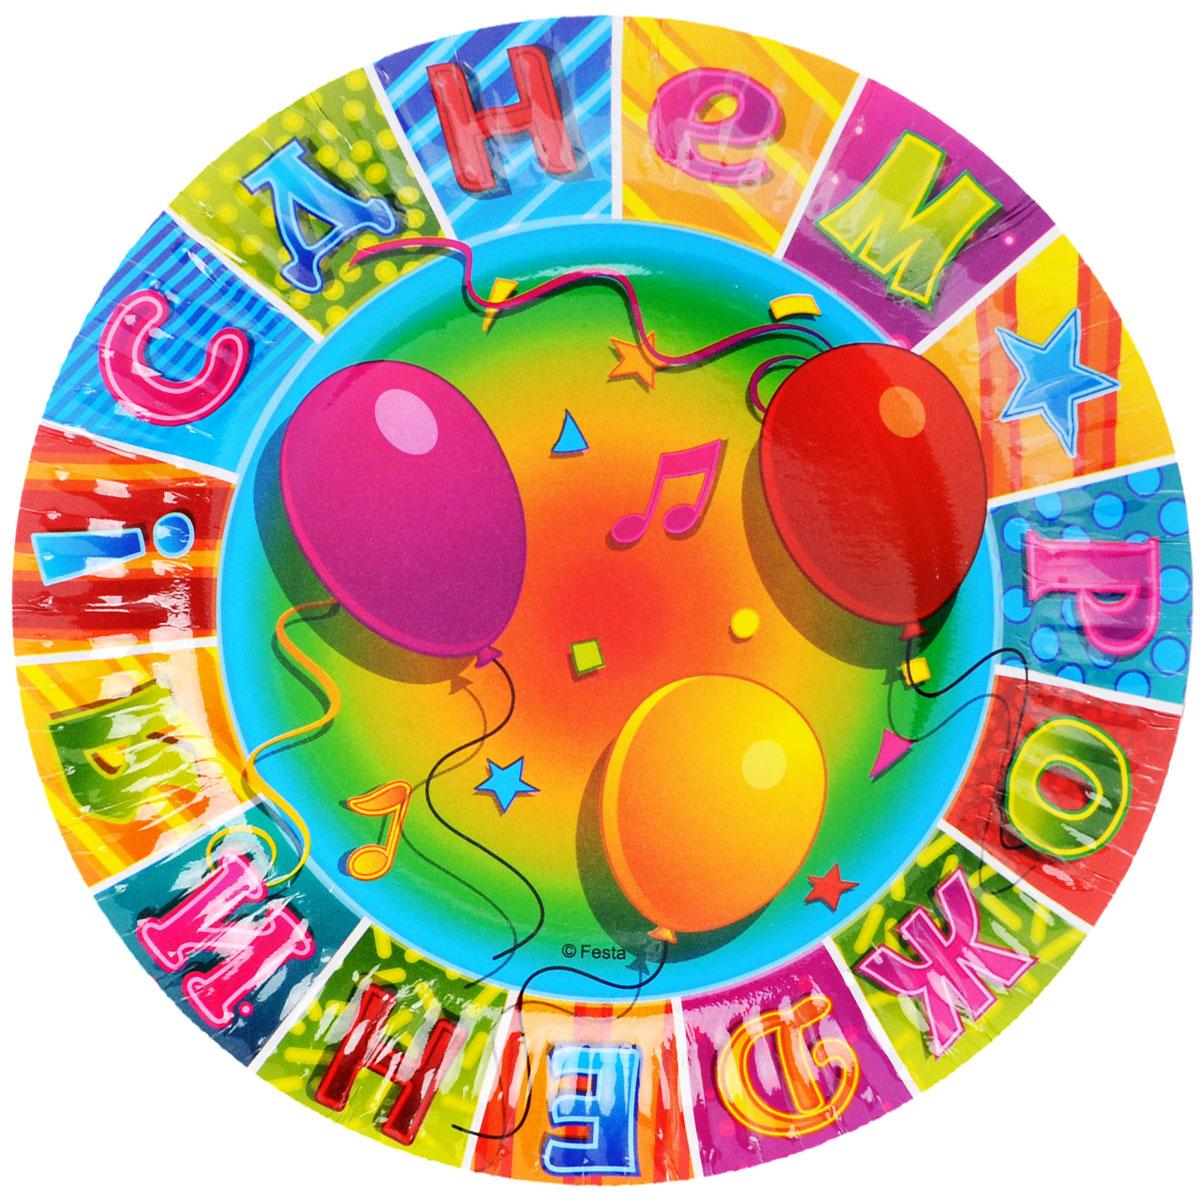 Веселая затея Тарелка бумажная С днем рождения: Мозаика, диаметр 17 см, 6 шт1502-1298Предвкушение праздника - одна из самых приятных эмоций в жизни человека. Радость, улыбки, громкий смех друзей и родных - что может быть лучше этого? Но для того, чтобы каждый праздник был поистине незабываемым, вам не обойтись без ярких и красочных помощников, ведь самое главное в этом случае - детали. Тарелка бумажная Веселая затея С днем рождения: Мозаика украсит стол именинника и создаст праздничную атмосферу. Благодаря рифленым краям тарелка будет крепко держаться в руке и кусок праздничного торта не окажется на скатерти. В комплекте 6 тарелок. Рекомендуем!